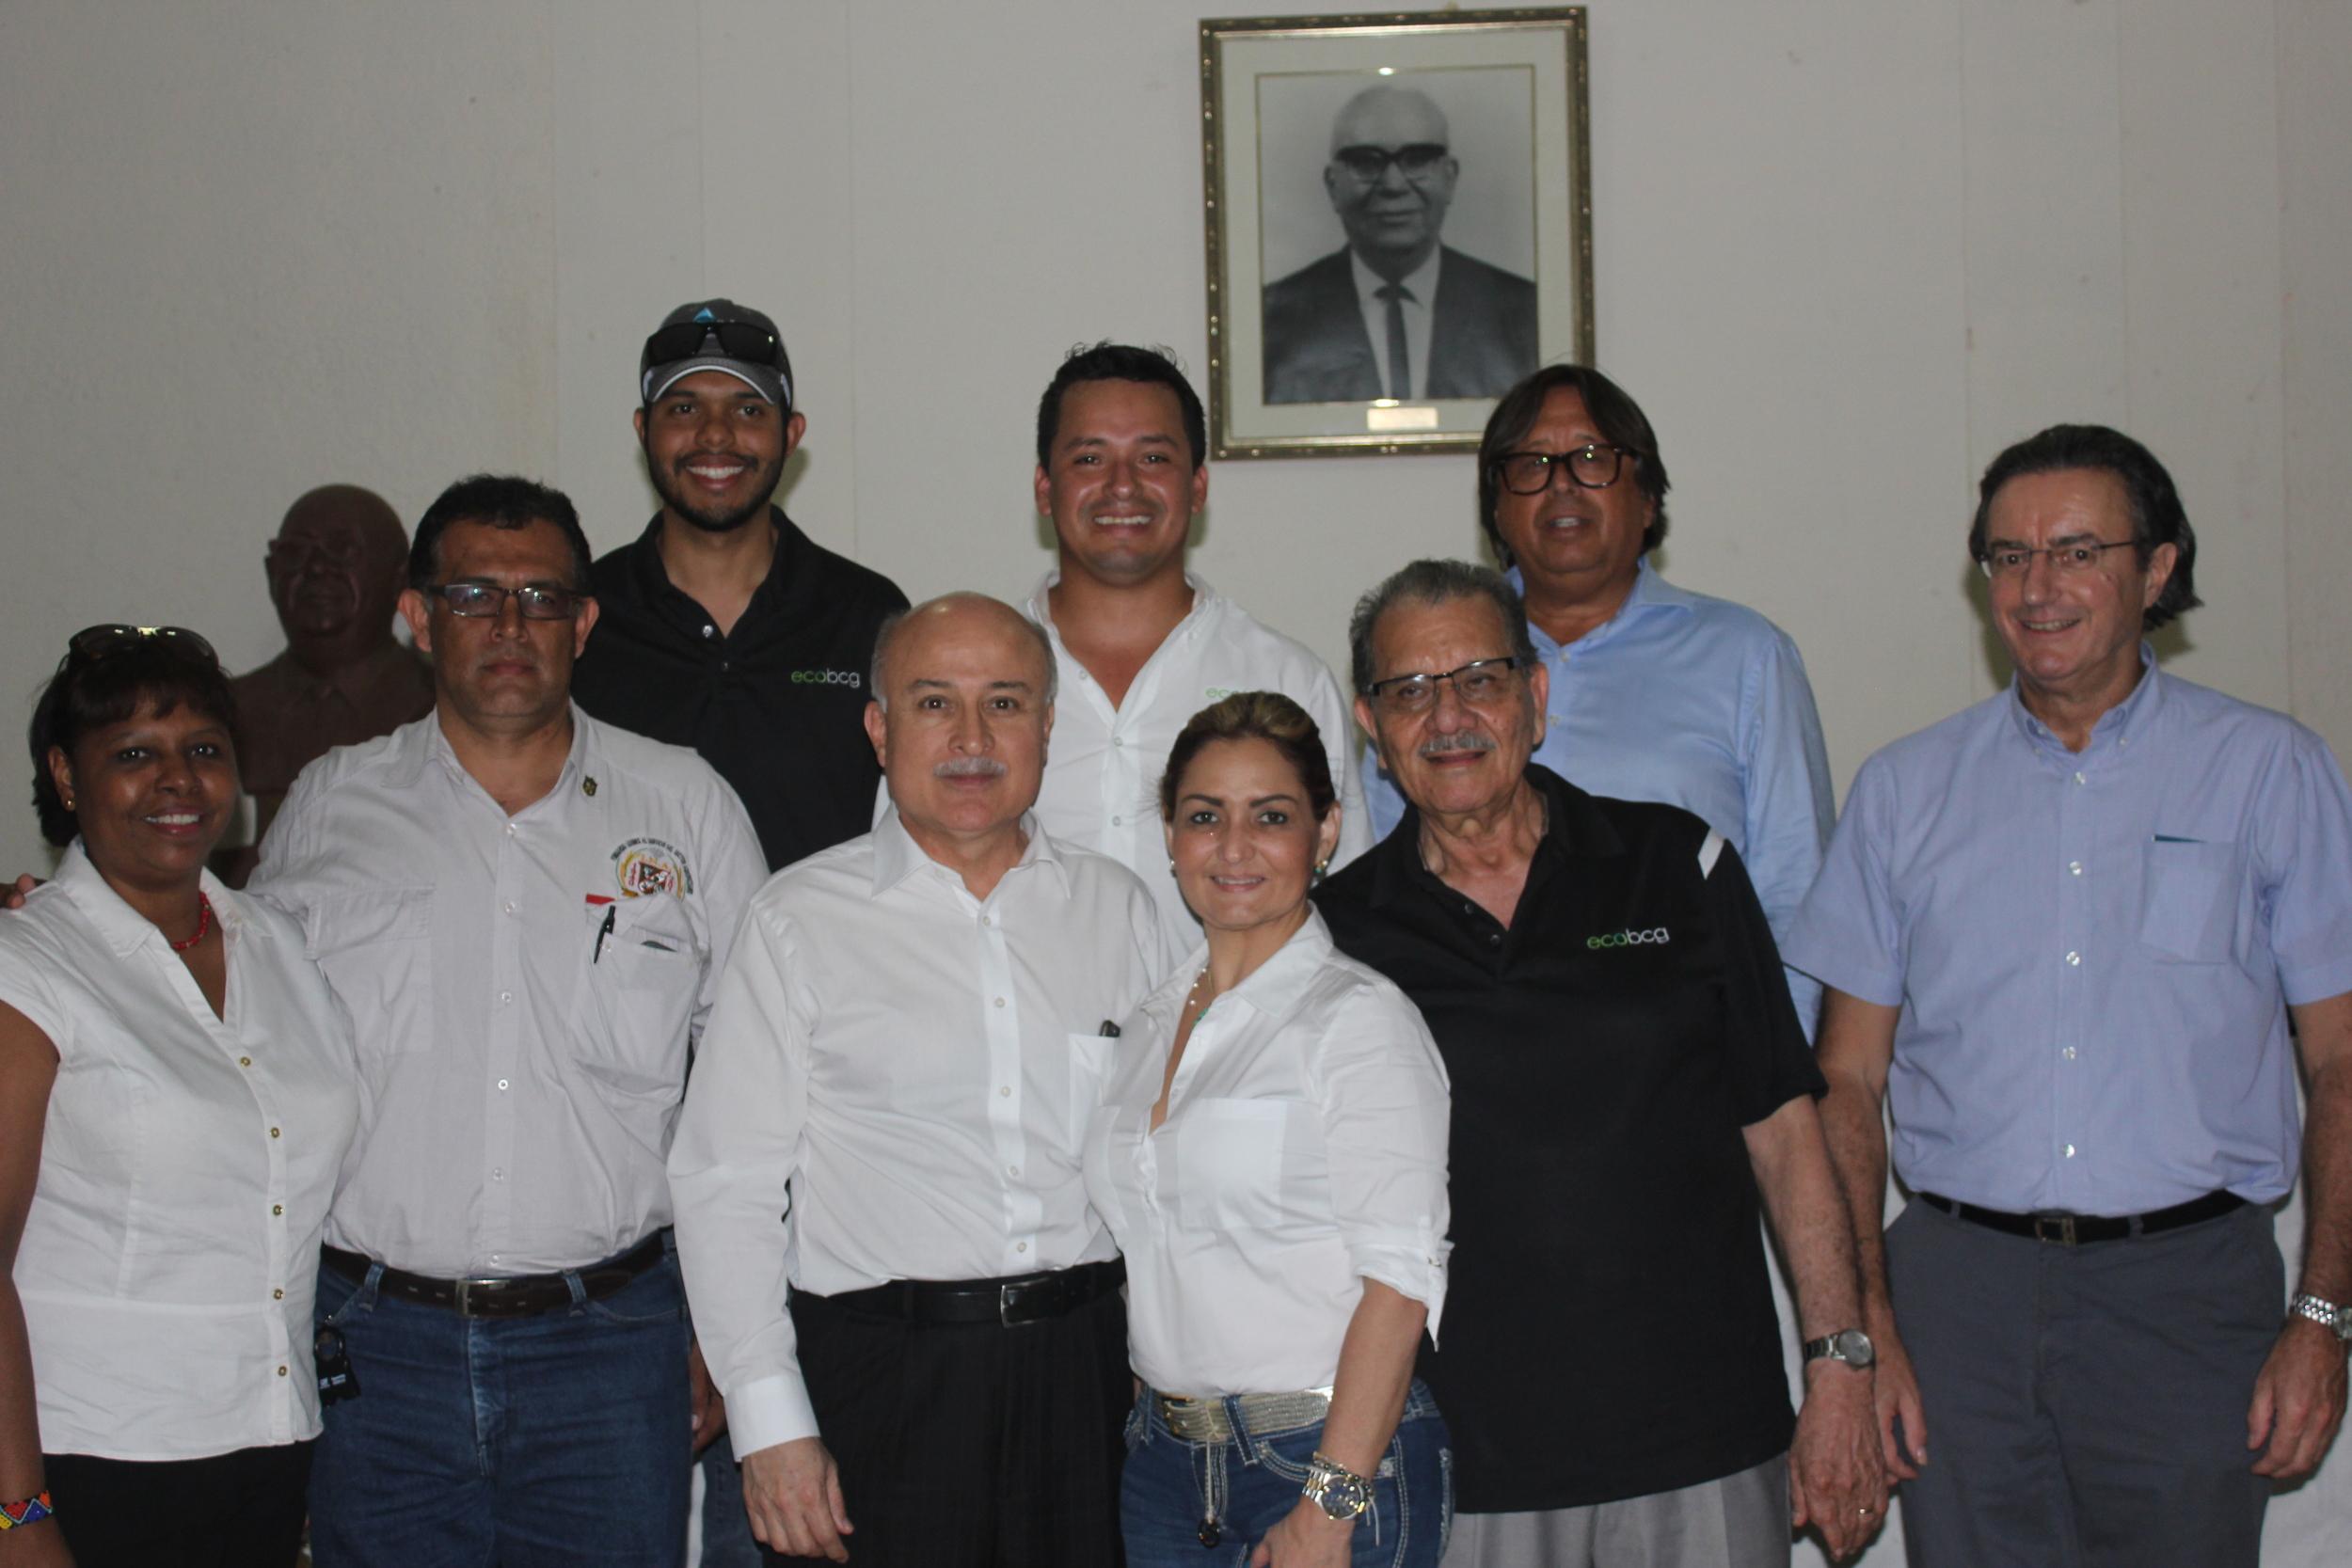 Nuestro equipo de Agribotix LatAm con algunos de los asistentes al evento